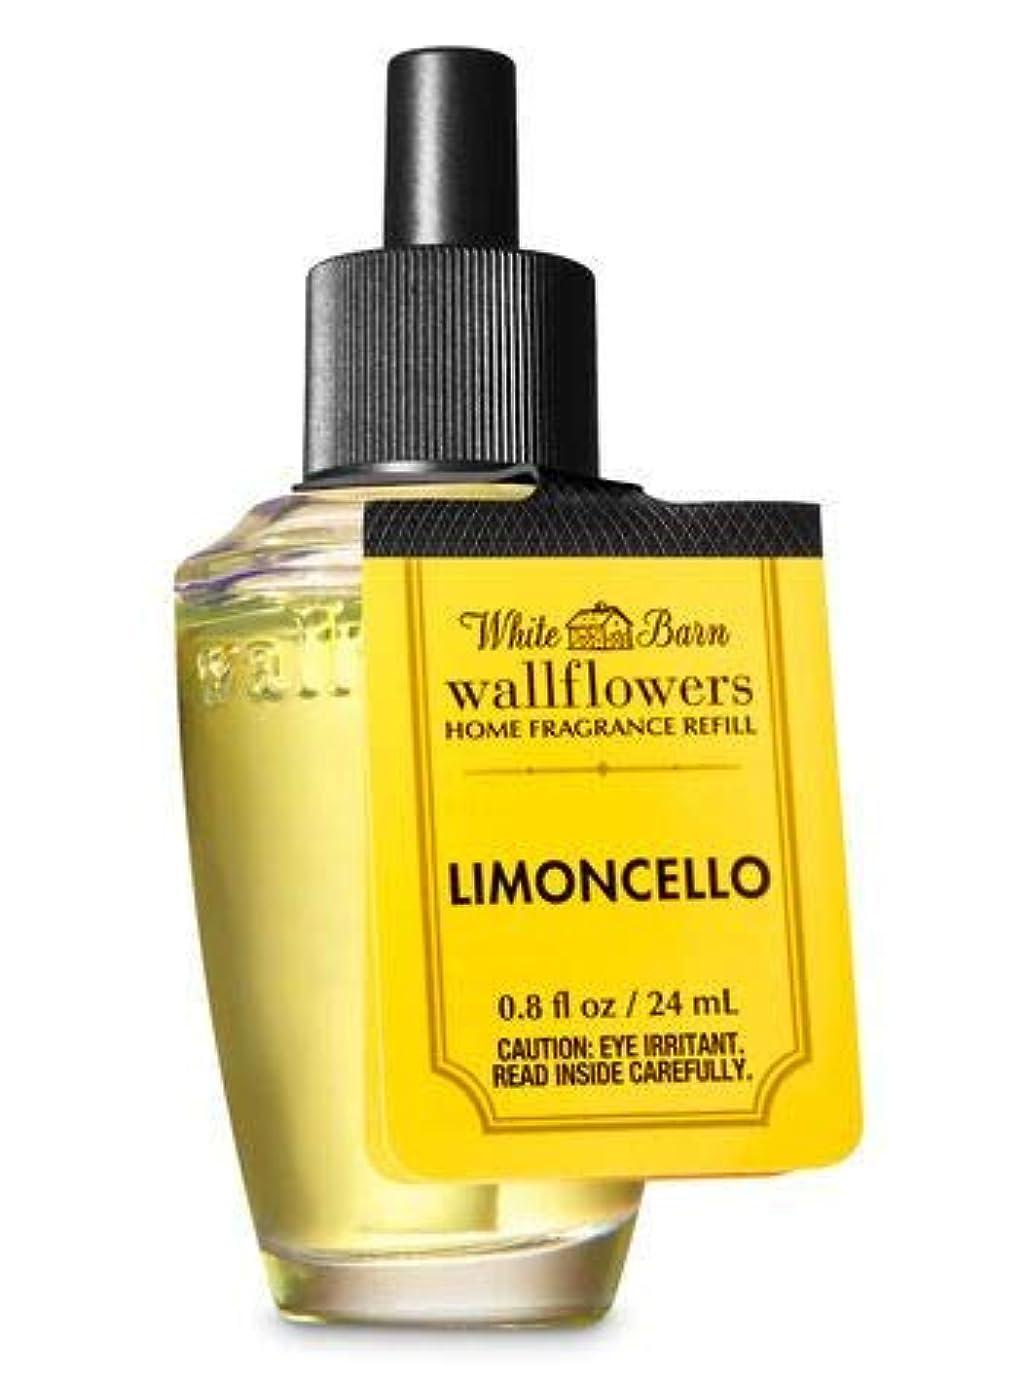 ベリーダンス好き【Bath&Body Works/バス&ボディワークス】 ルームフレグランス 詰替えリフィル リモンチェッロ Wallflowers Home Fragrance Refill Limoncello [並行輸入品]